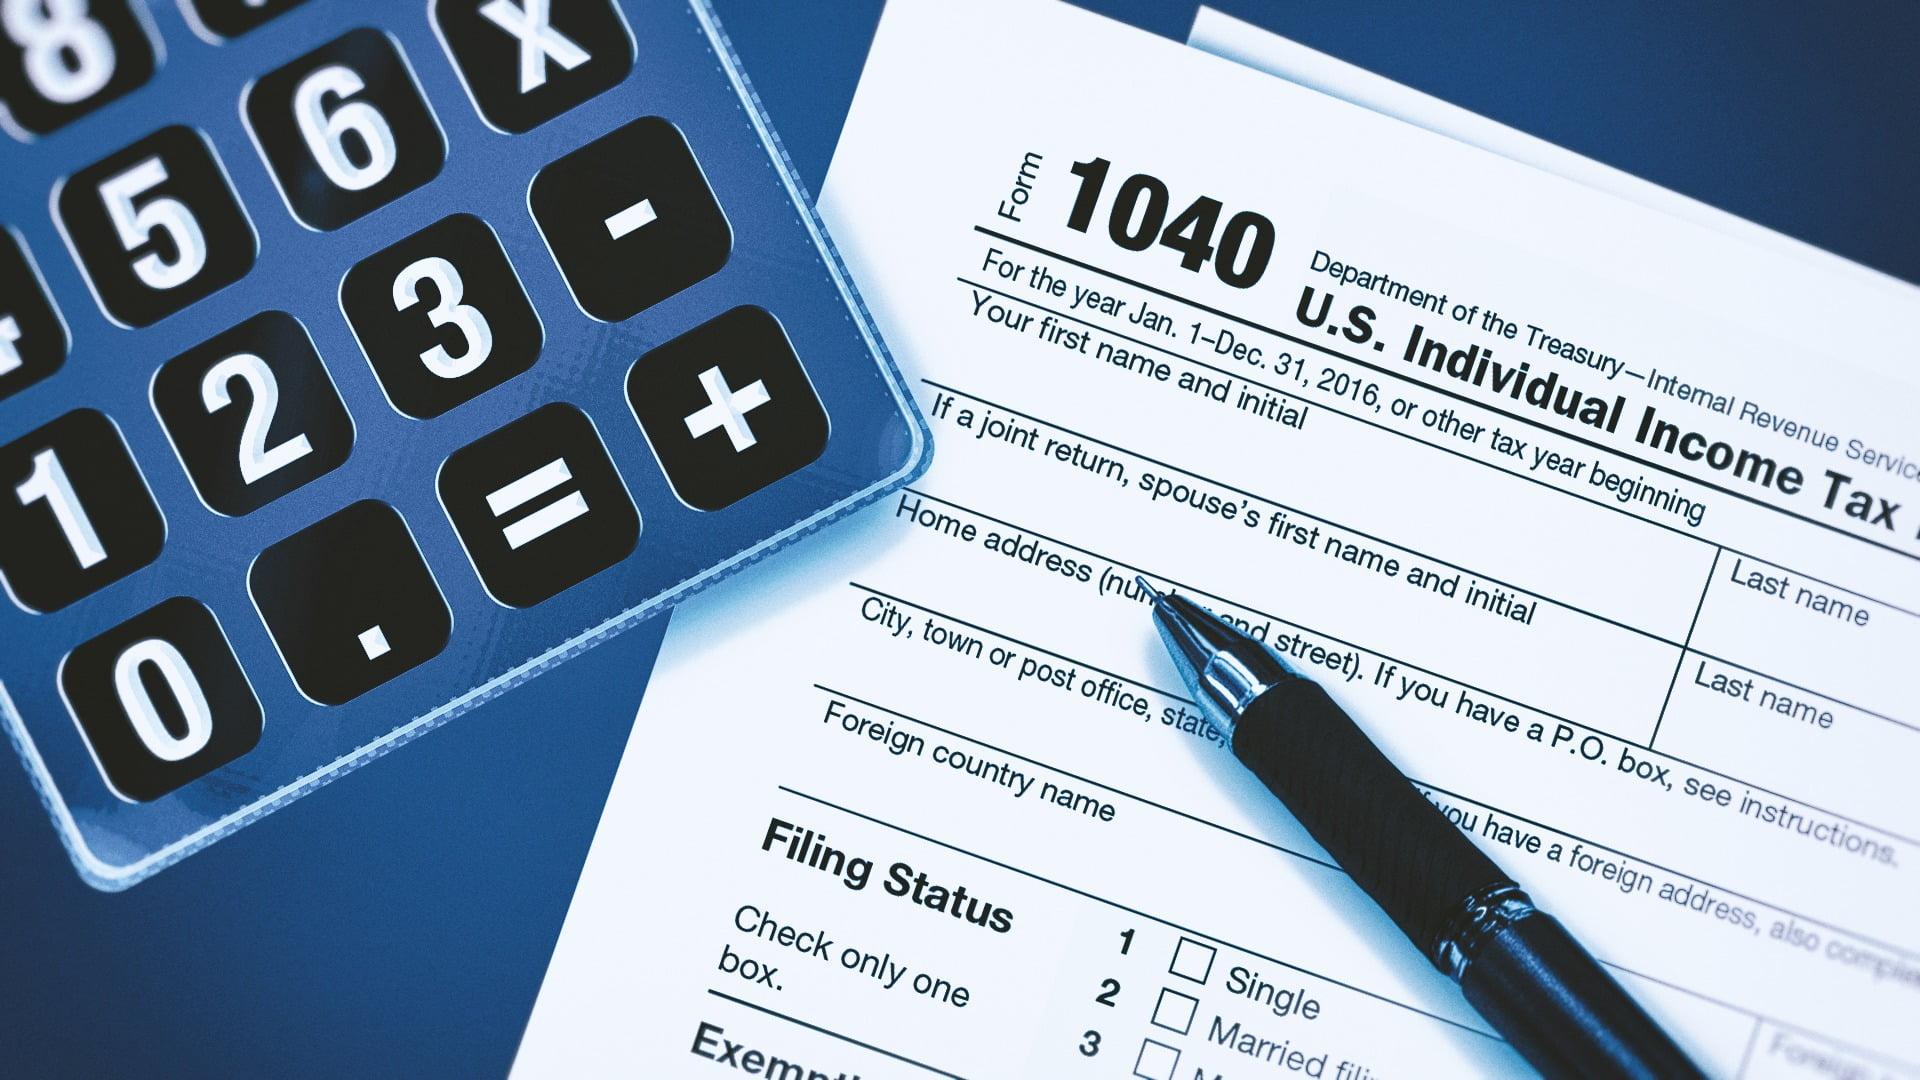 El IRS calculó correctamente el crédito fiscal de la ACA en la mayoría de las declaraciones en 2015